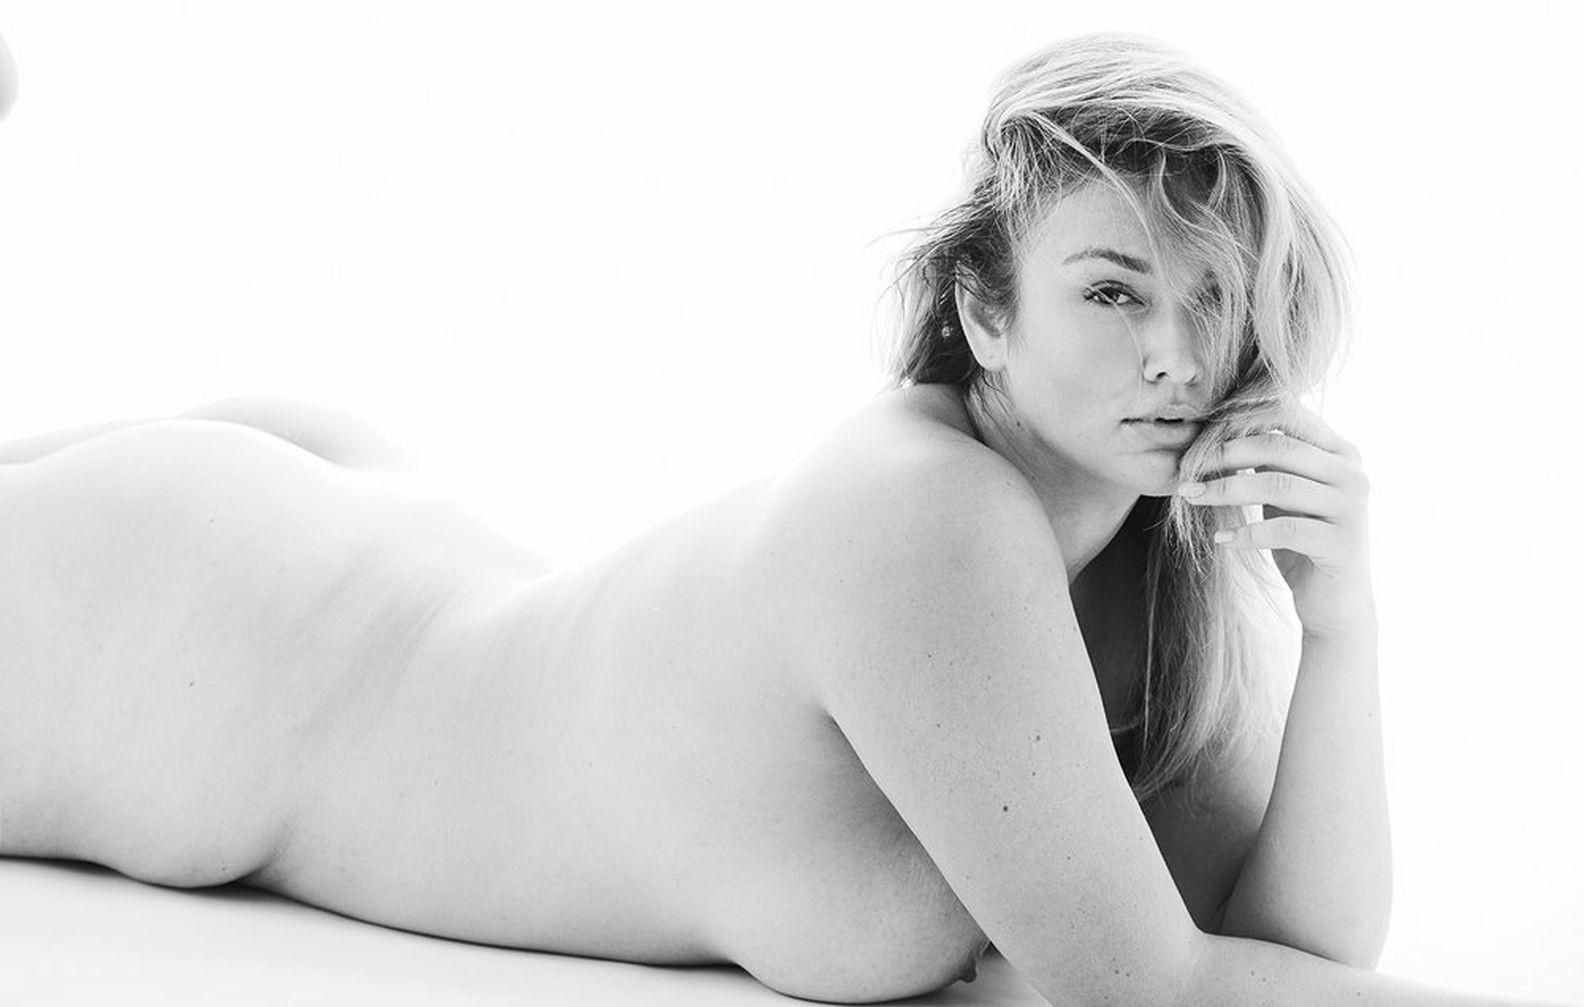 Slaine Kelly Nude Topless Huge Boobs